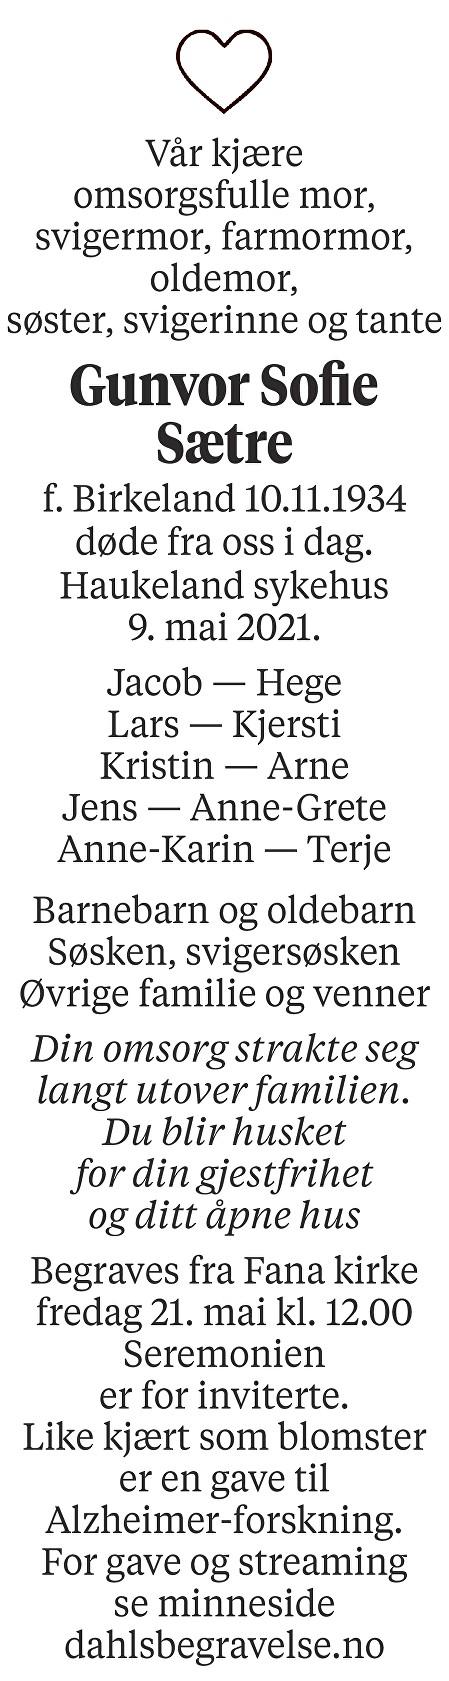 Gunvor Sofie Sætre Dødsannonse